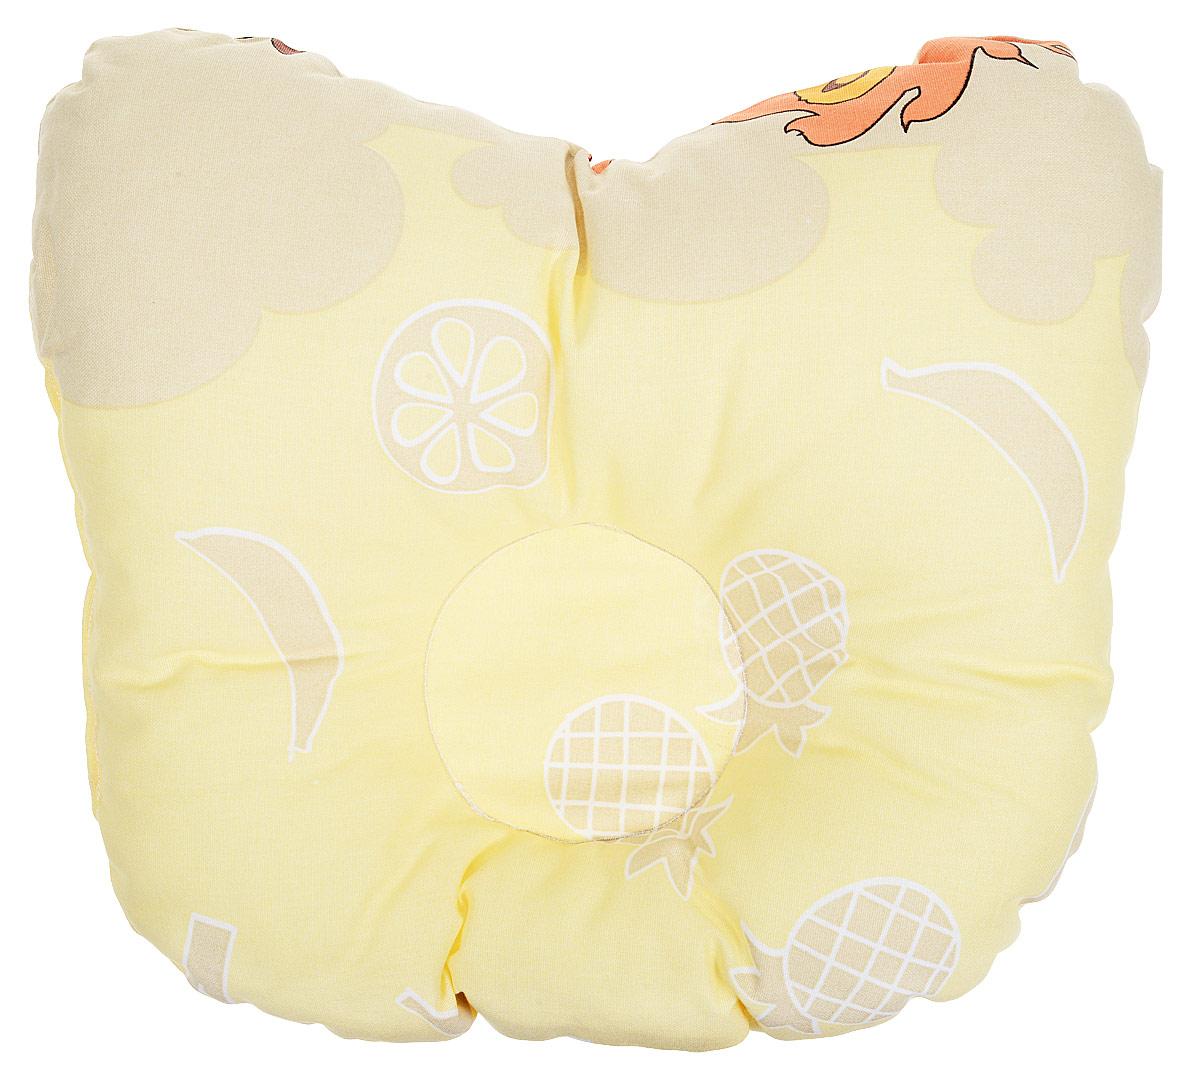 Сонный гномик Подушка анатомическая для младенцев Лимончик цвет желтый 27 х 27 см штора жаккард bordo 145х270 см p608 7215 1